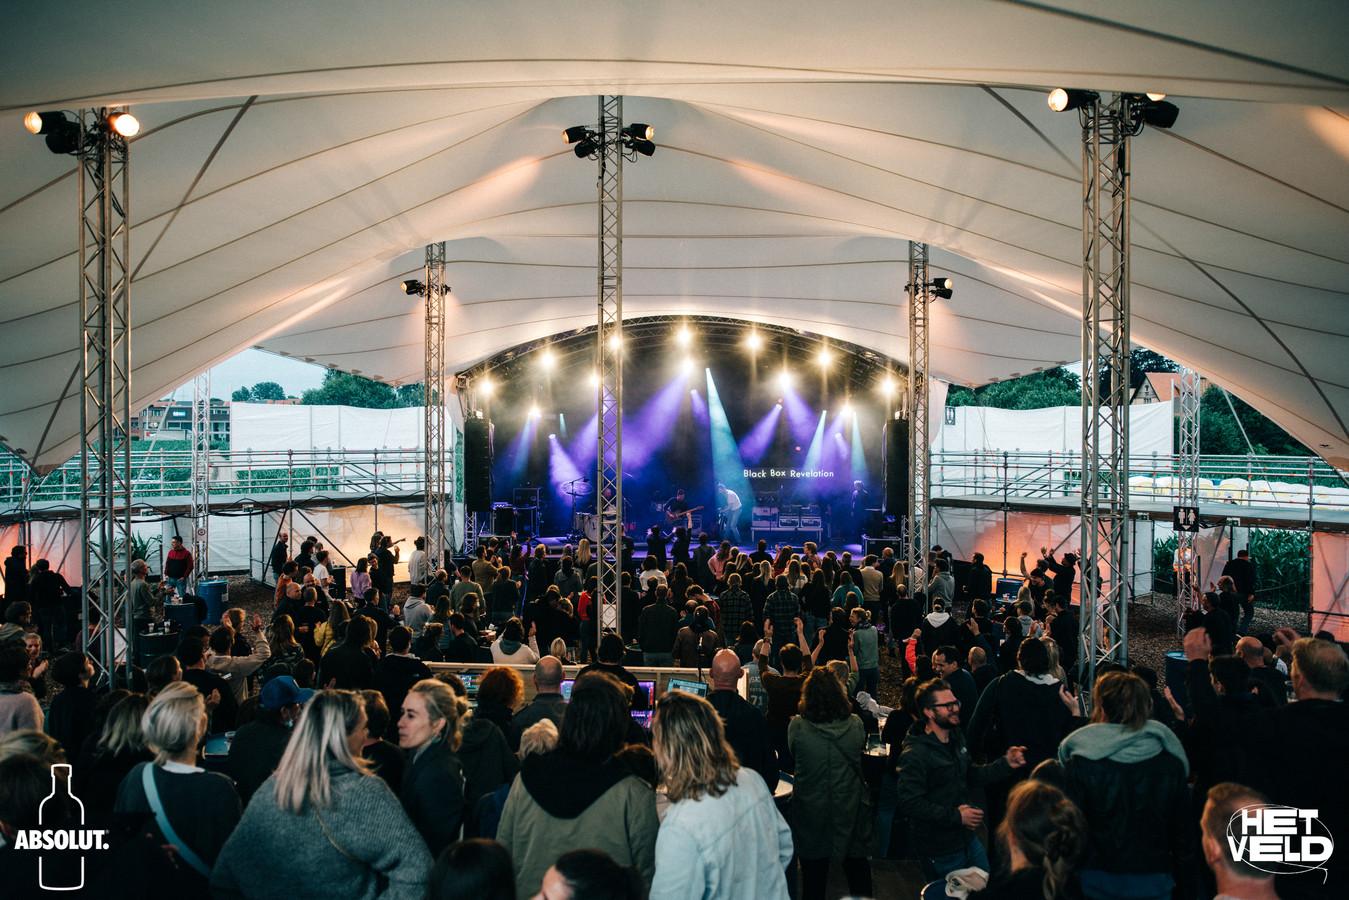 De openingsavond van de Arena in Het Veld op 1 juli.